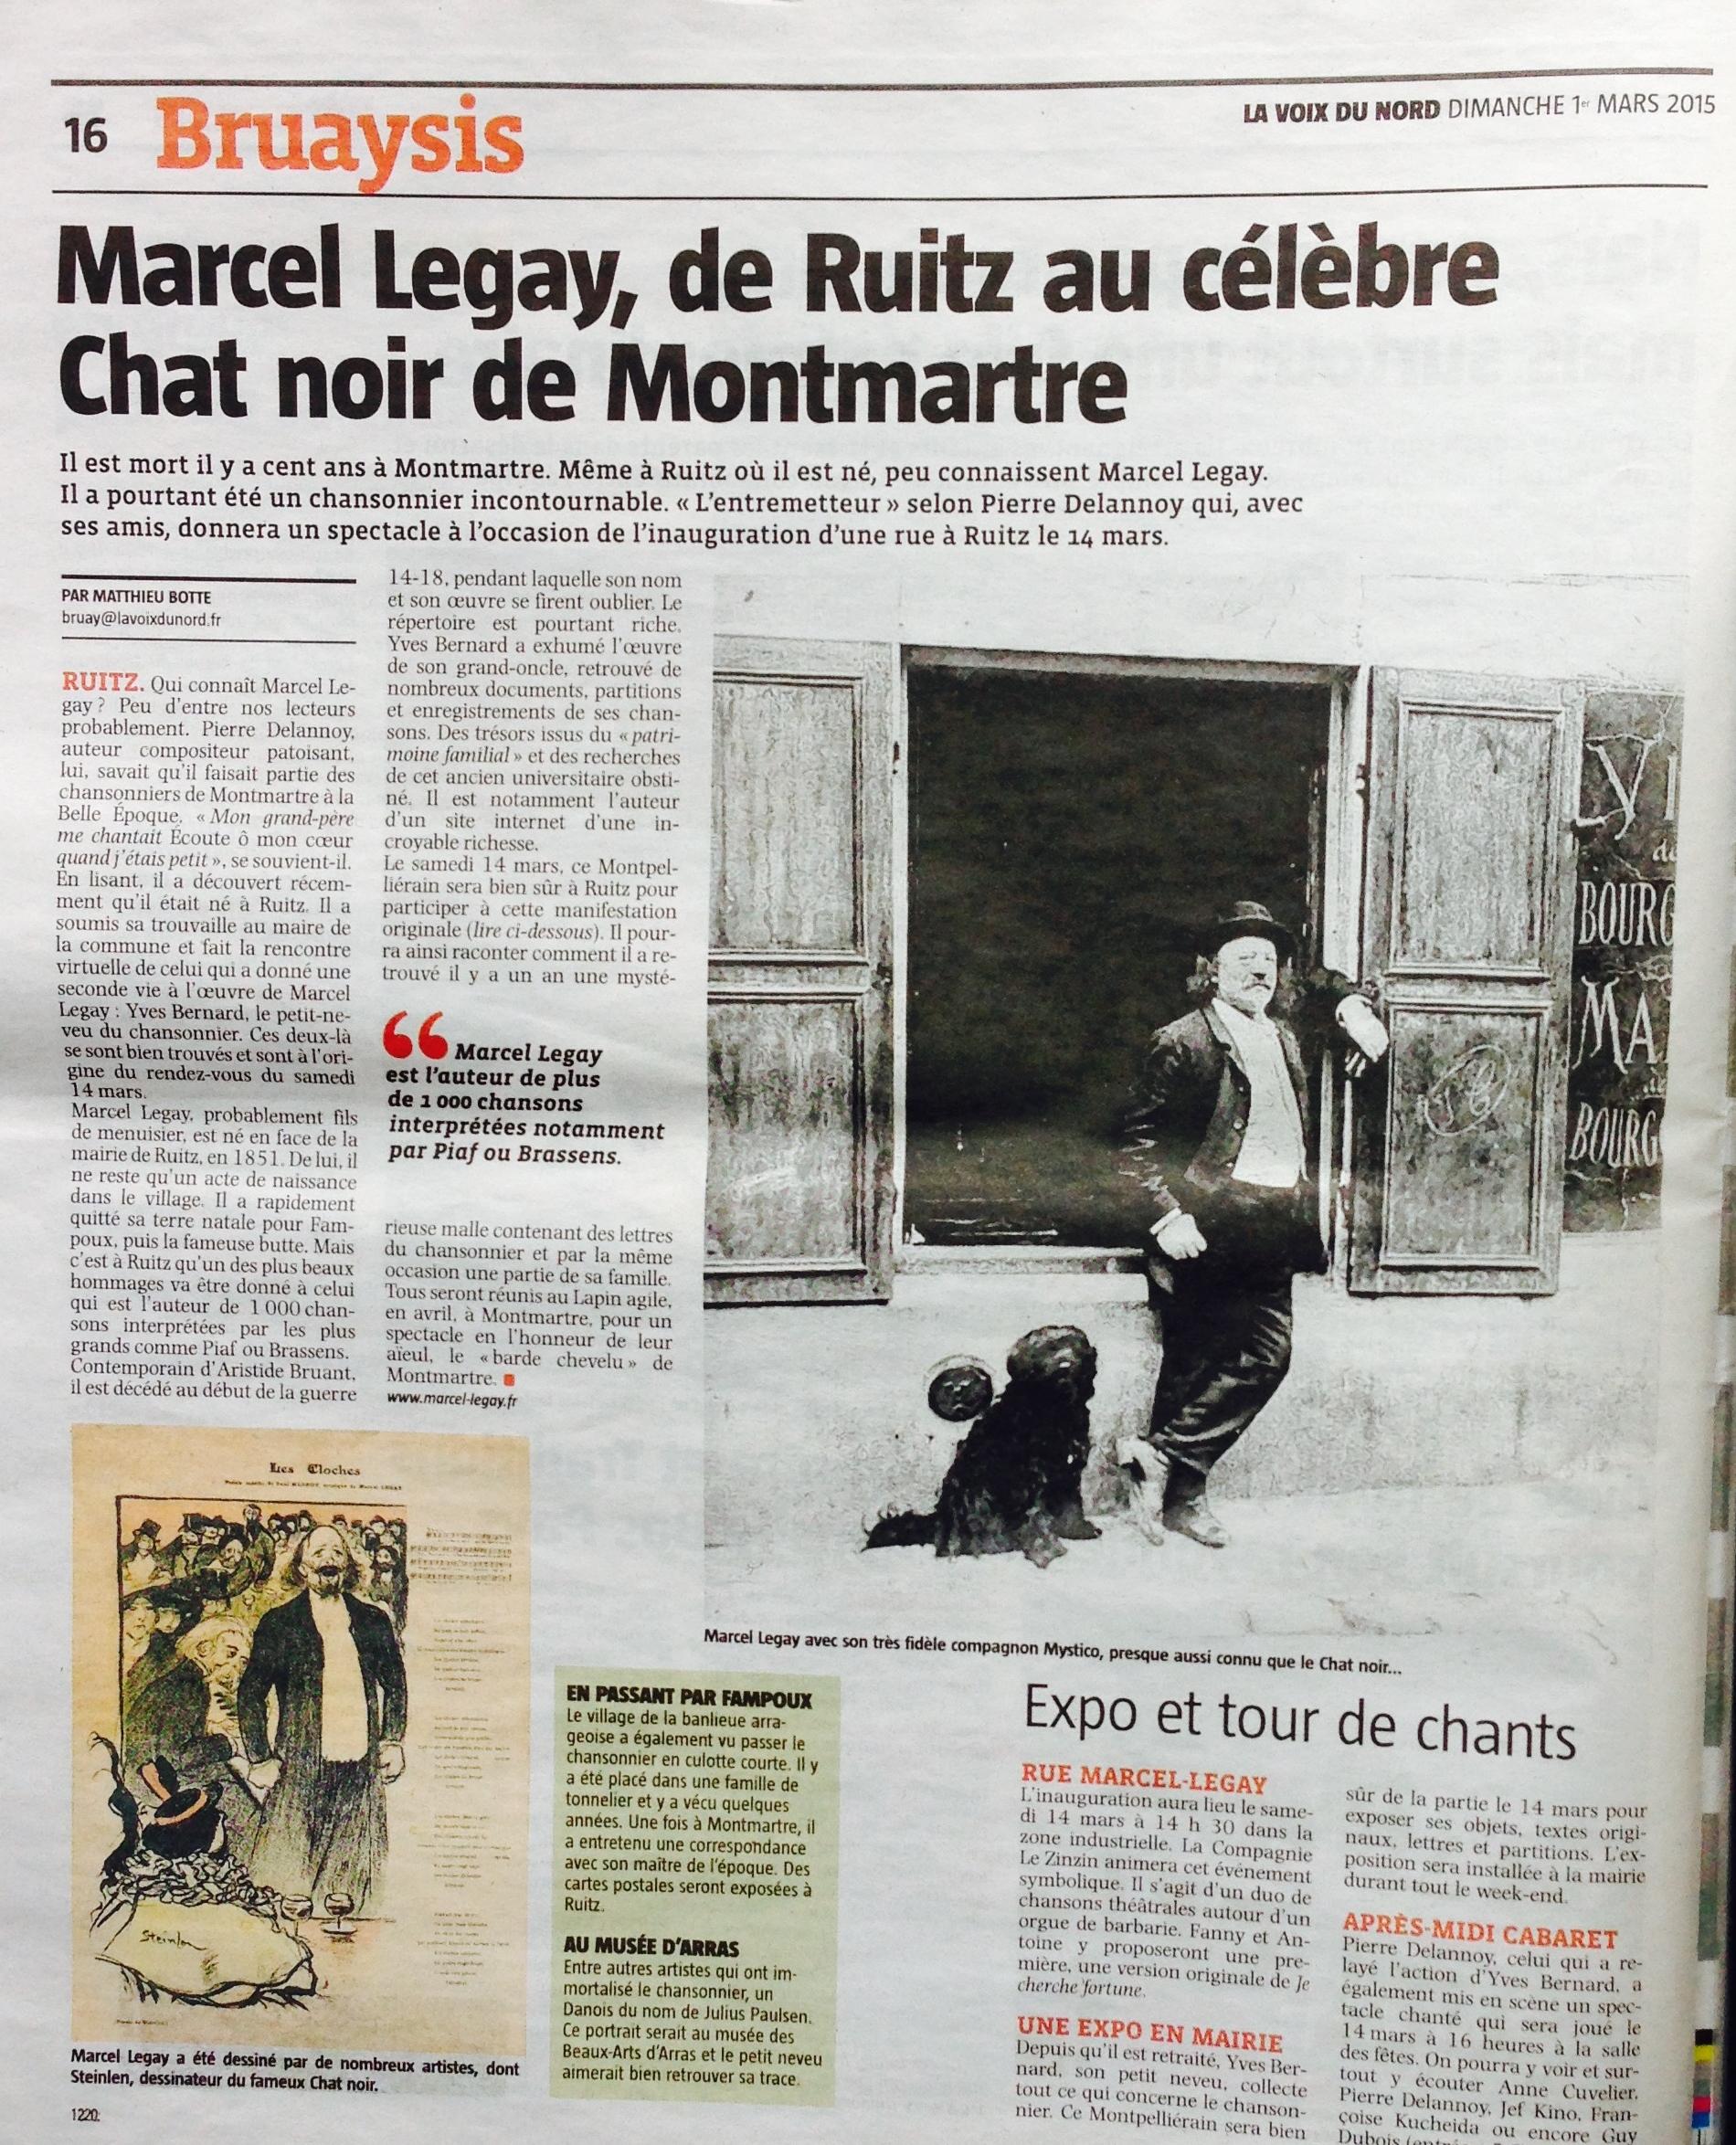 2015-03-01_Article_quotidien Voix du Nord_Dimanche 1Mars2015_page 16